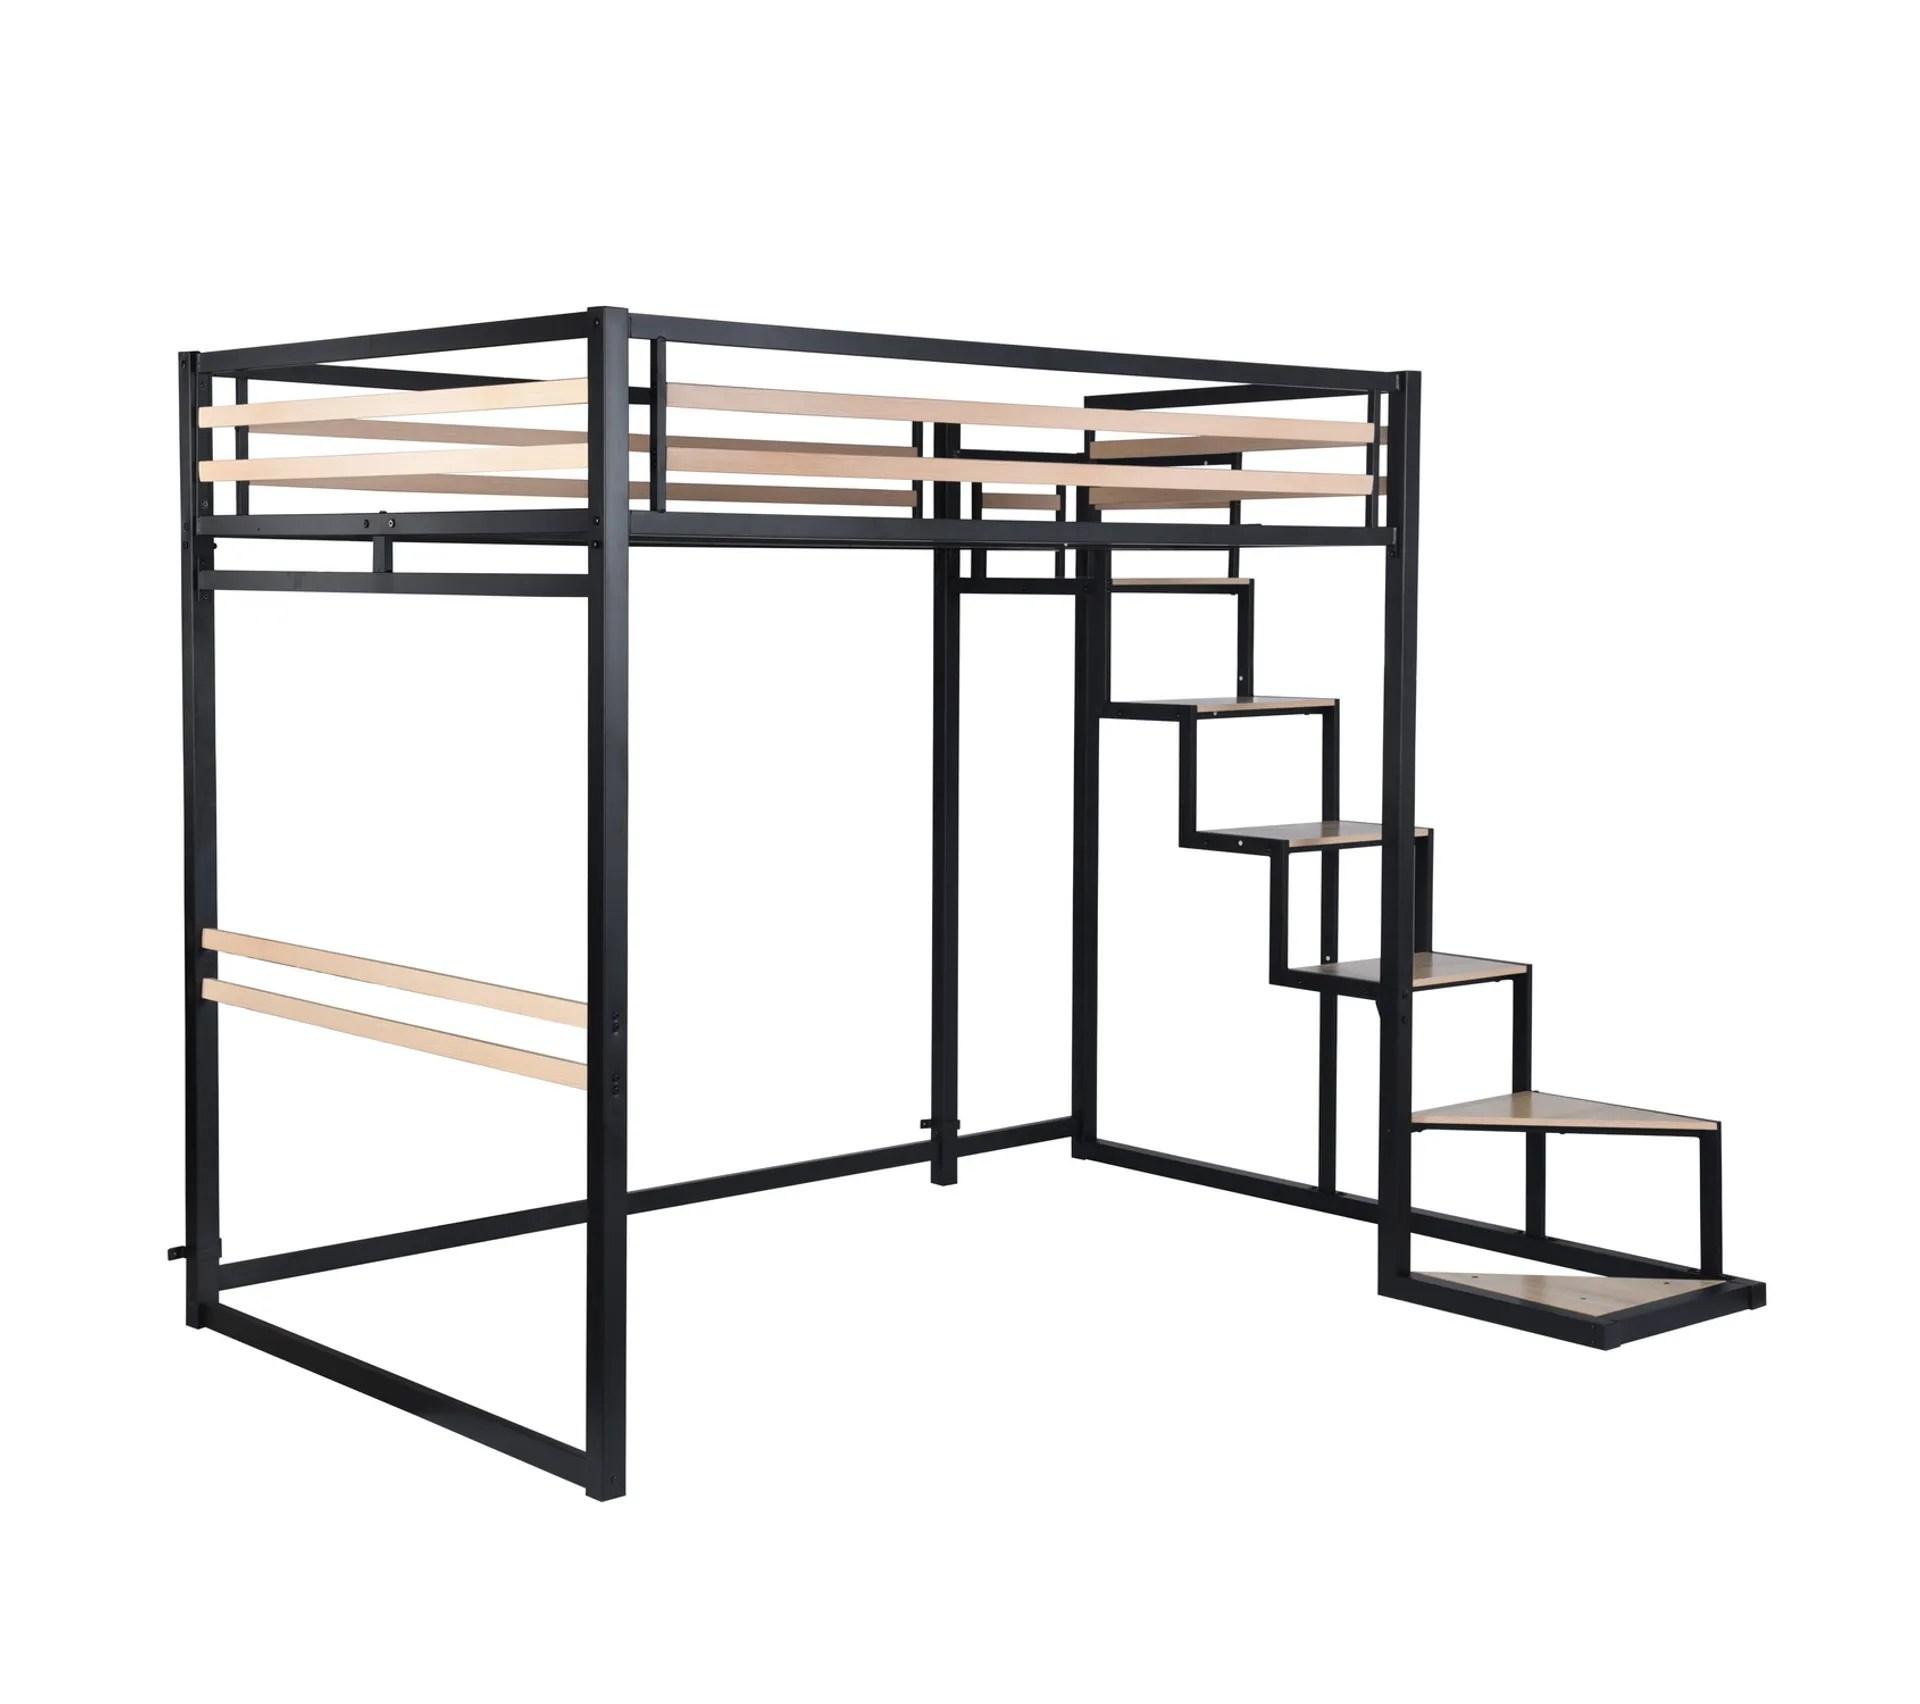 lit mezzanine 2 personnes 140x200 cm metal noir et bois clair